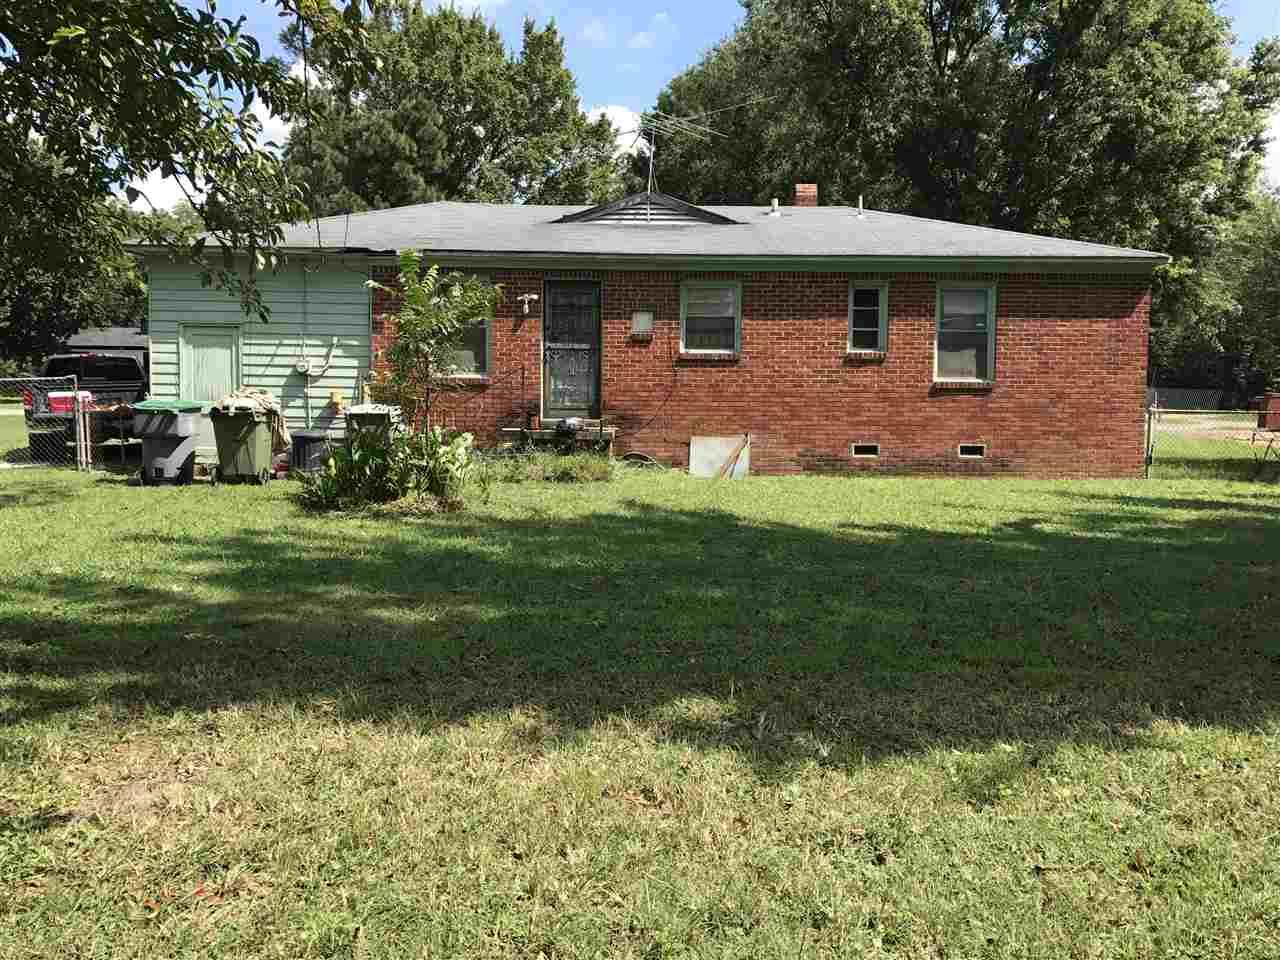 4987 Stacey Memphis, TN 38109 - MLS #: 10011901